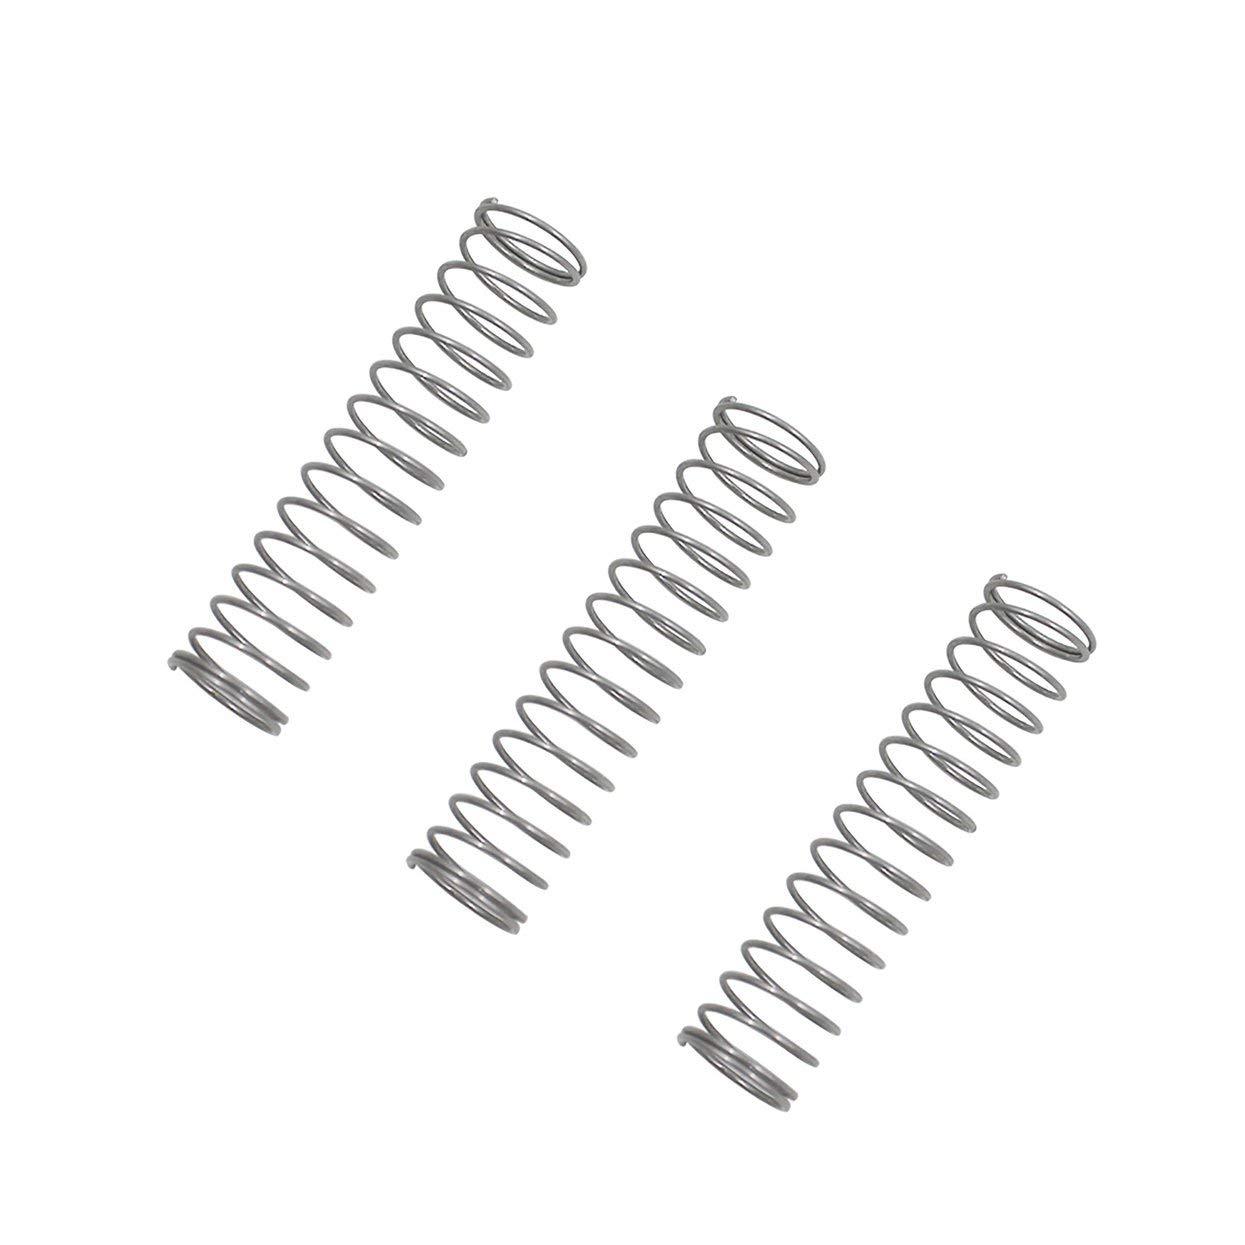 EH-TW6000 PowerLite HC 3010e EH-TW6100 PowerLite HC 3010 EH-TW6000W adatta per EH-TW5900 compatibile con Epson Elplp68 Supermait EP68 Lampada di ricambio per proiettore con alloggiamento